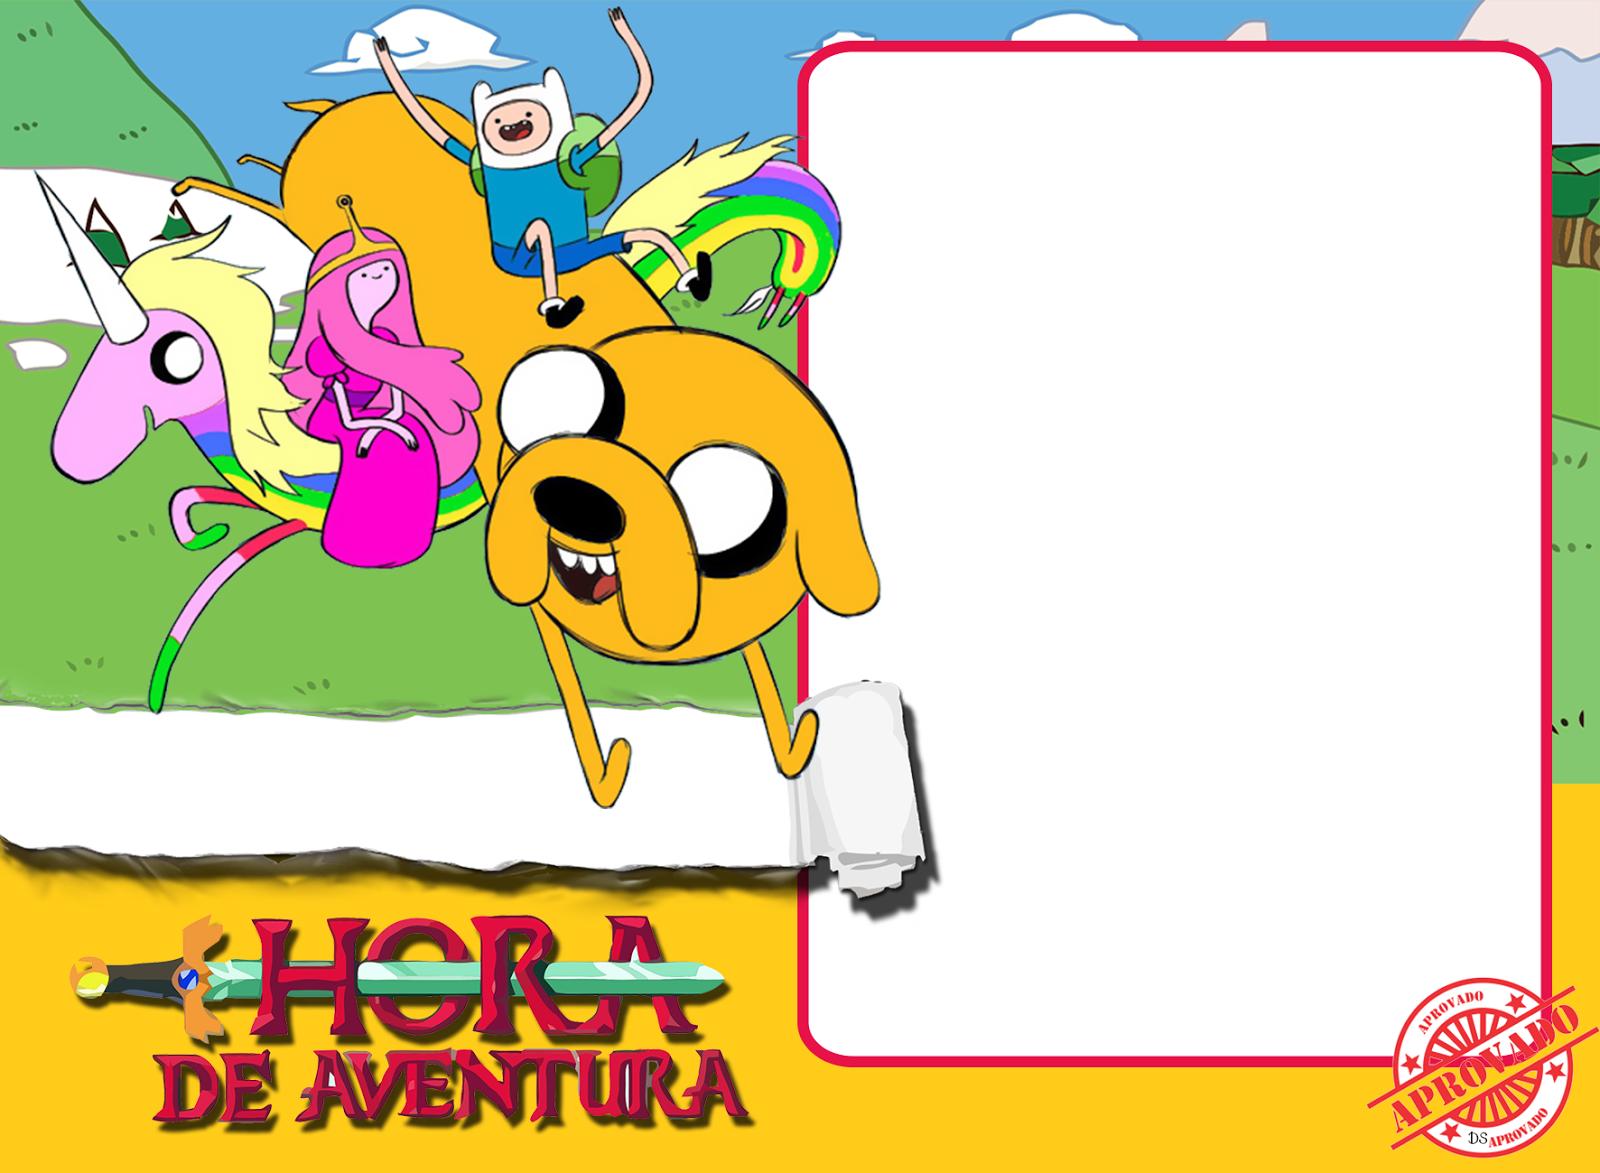 Adventure Time Invitation Card | PaperInvite